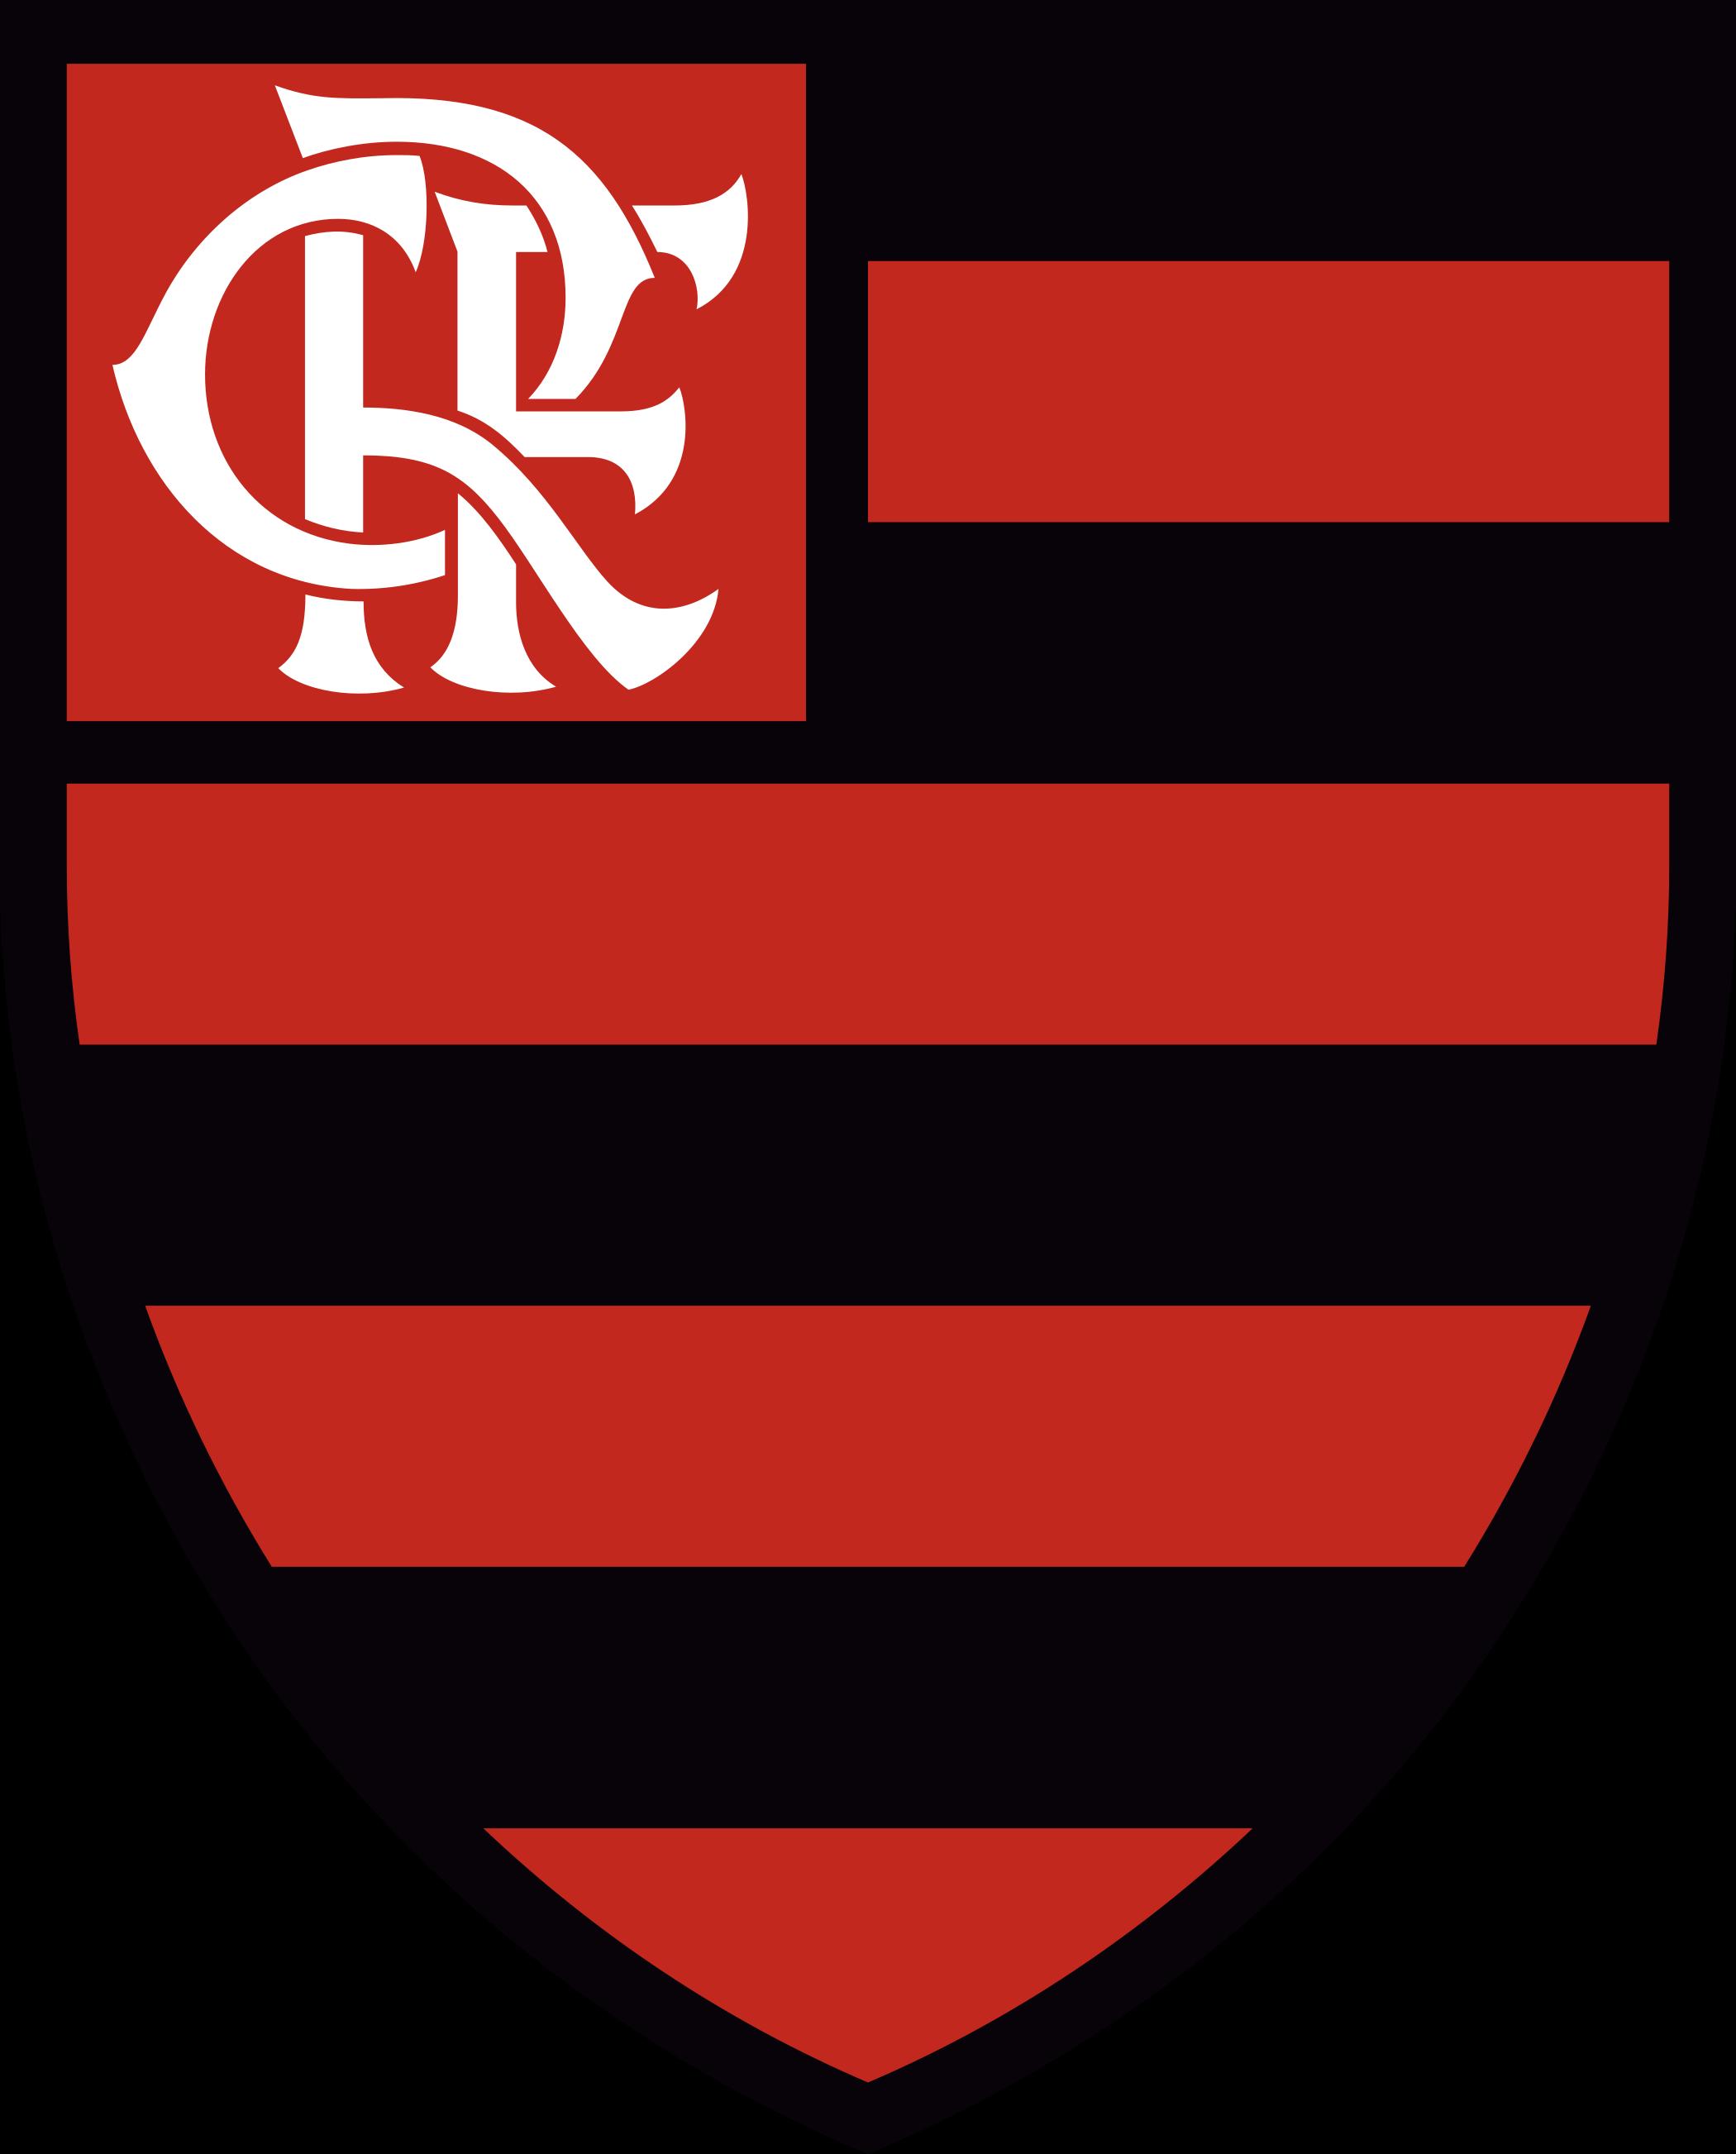 flamengo logo escudo novo 1 - Flamengo Logo